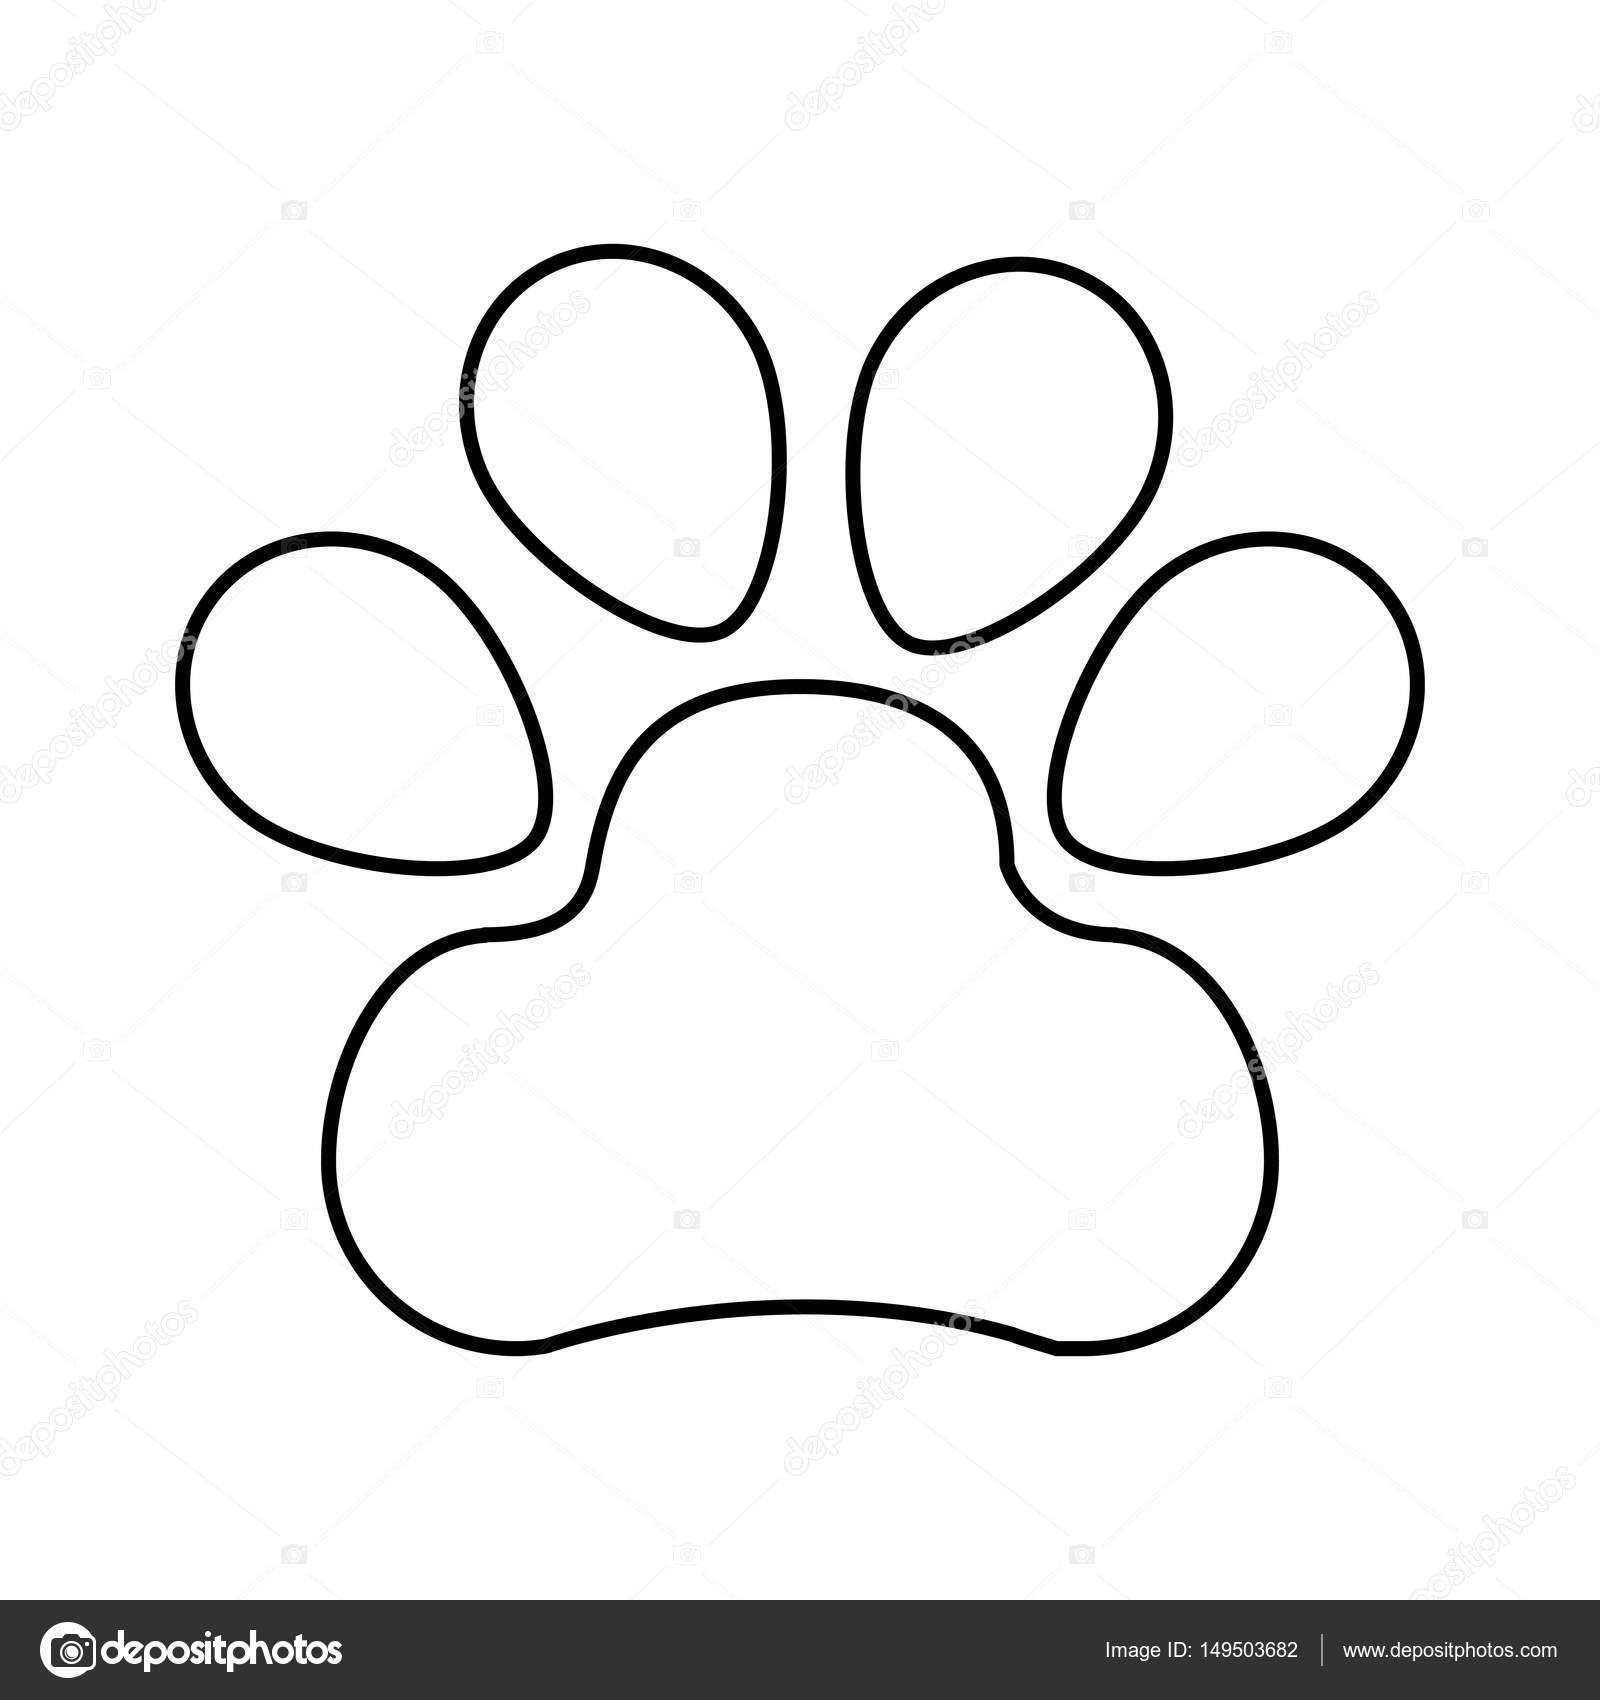 Dibujos Huellita De Perro Icono Aislado De Huella De Perro